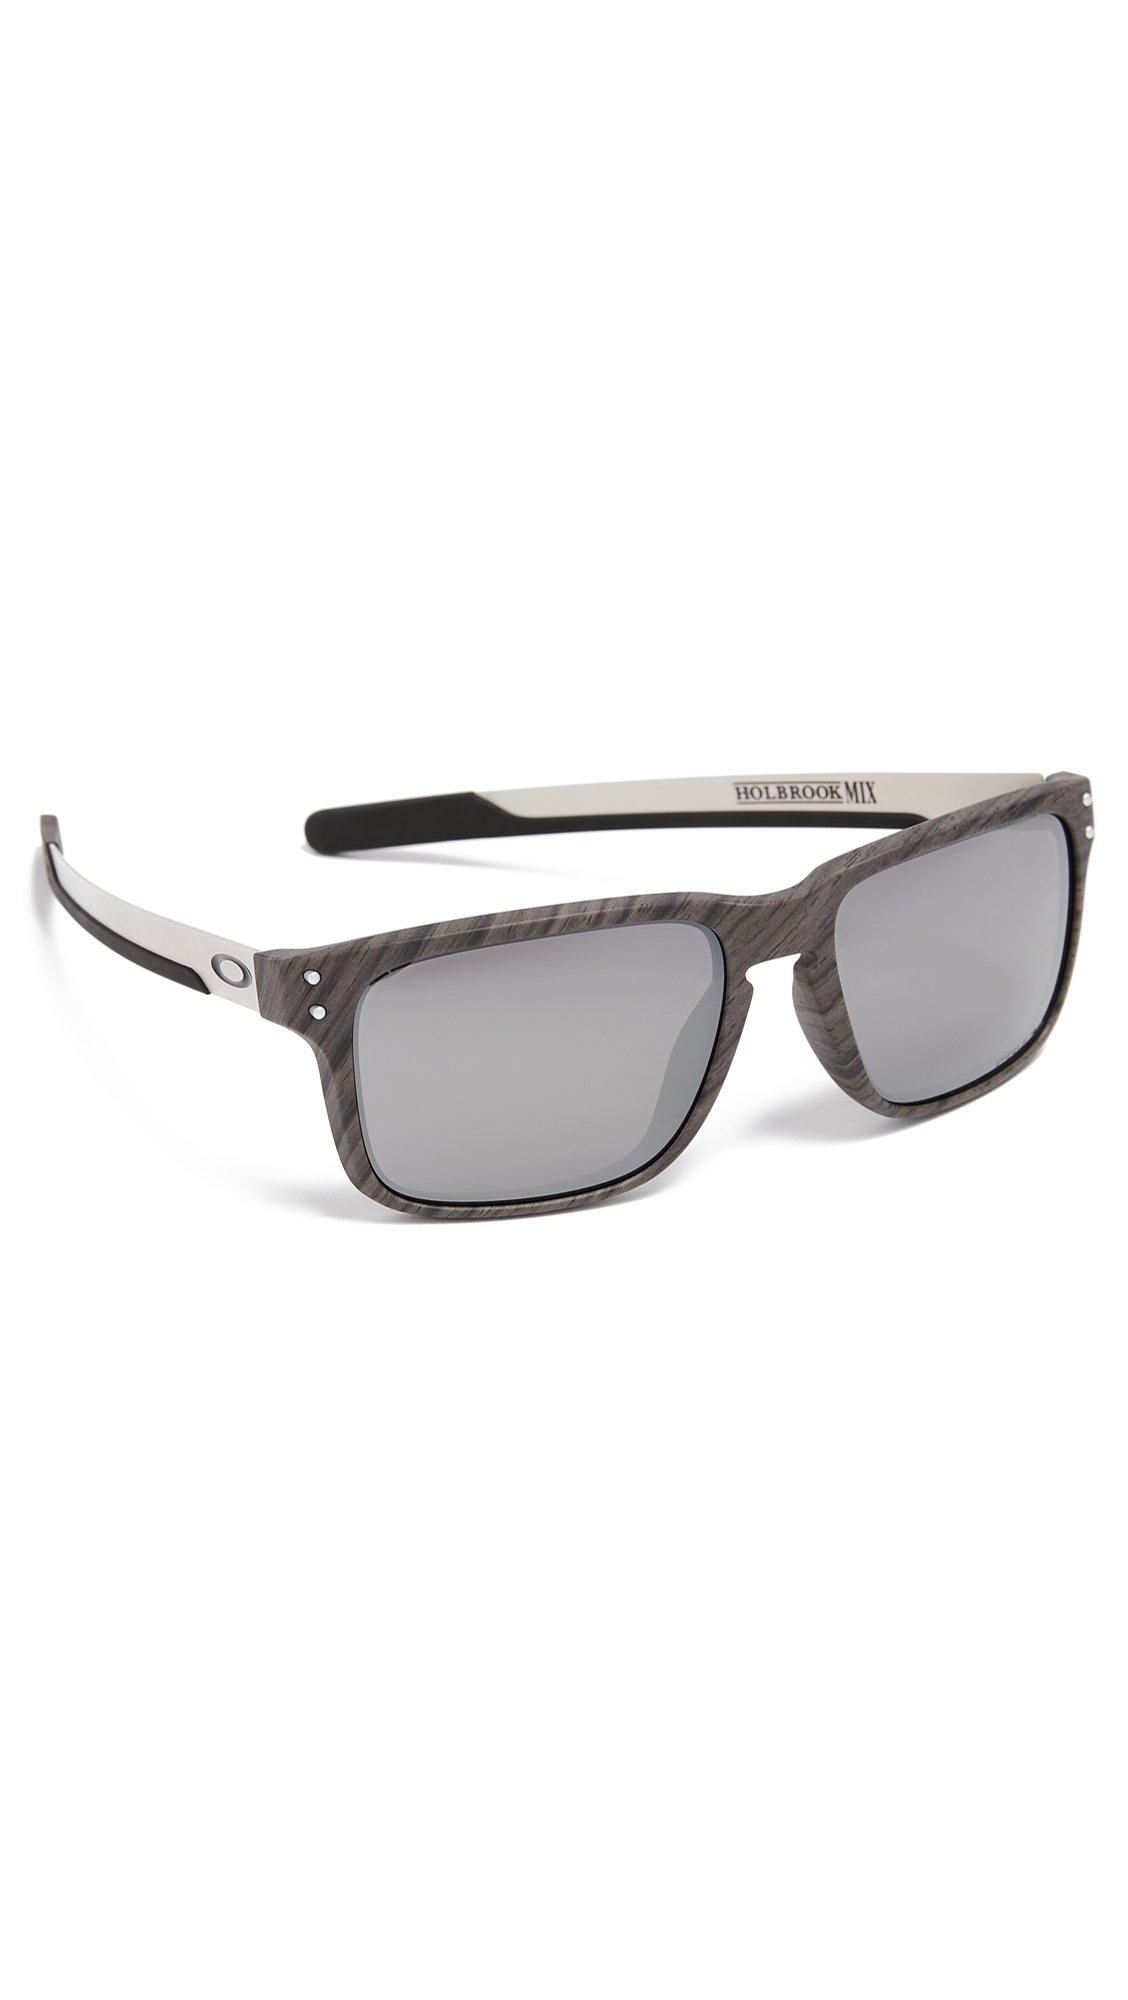 e3a8e7c0fa Oakley Holbrook Woodgrain Prizm Sunglasses In Black Silver ...